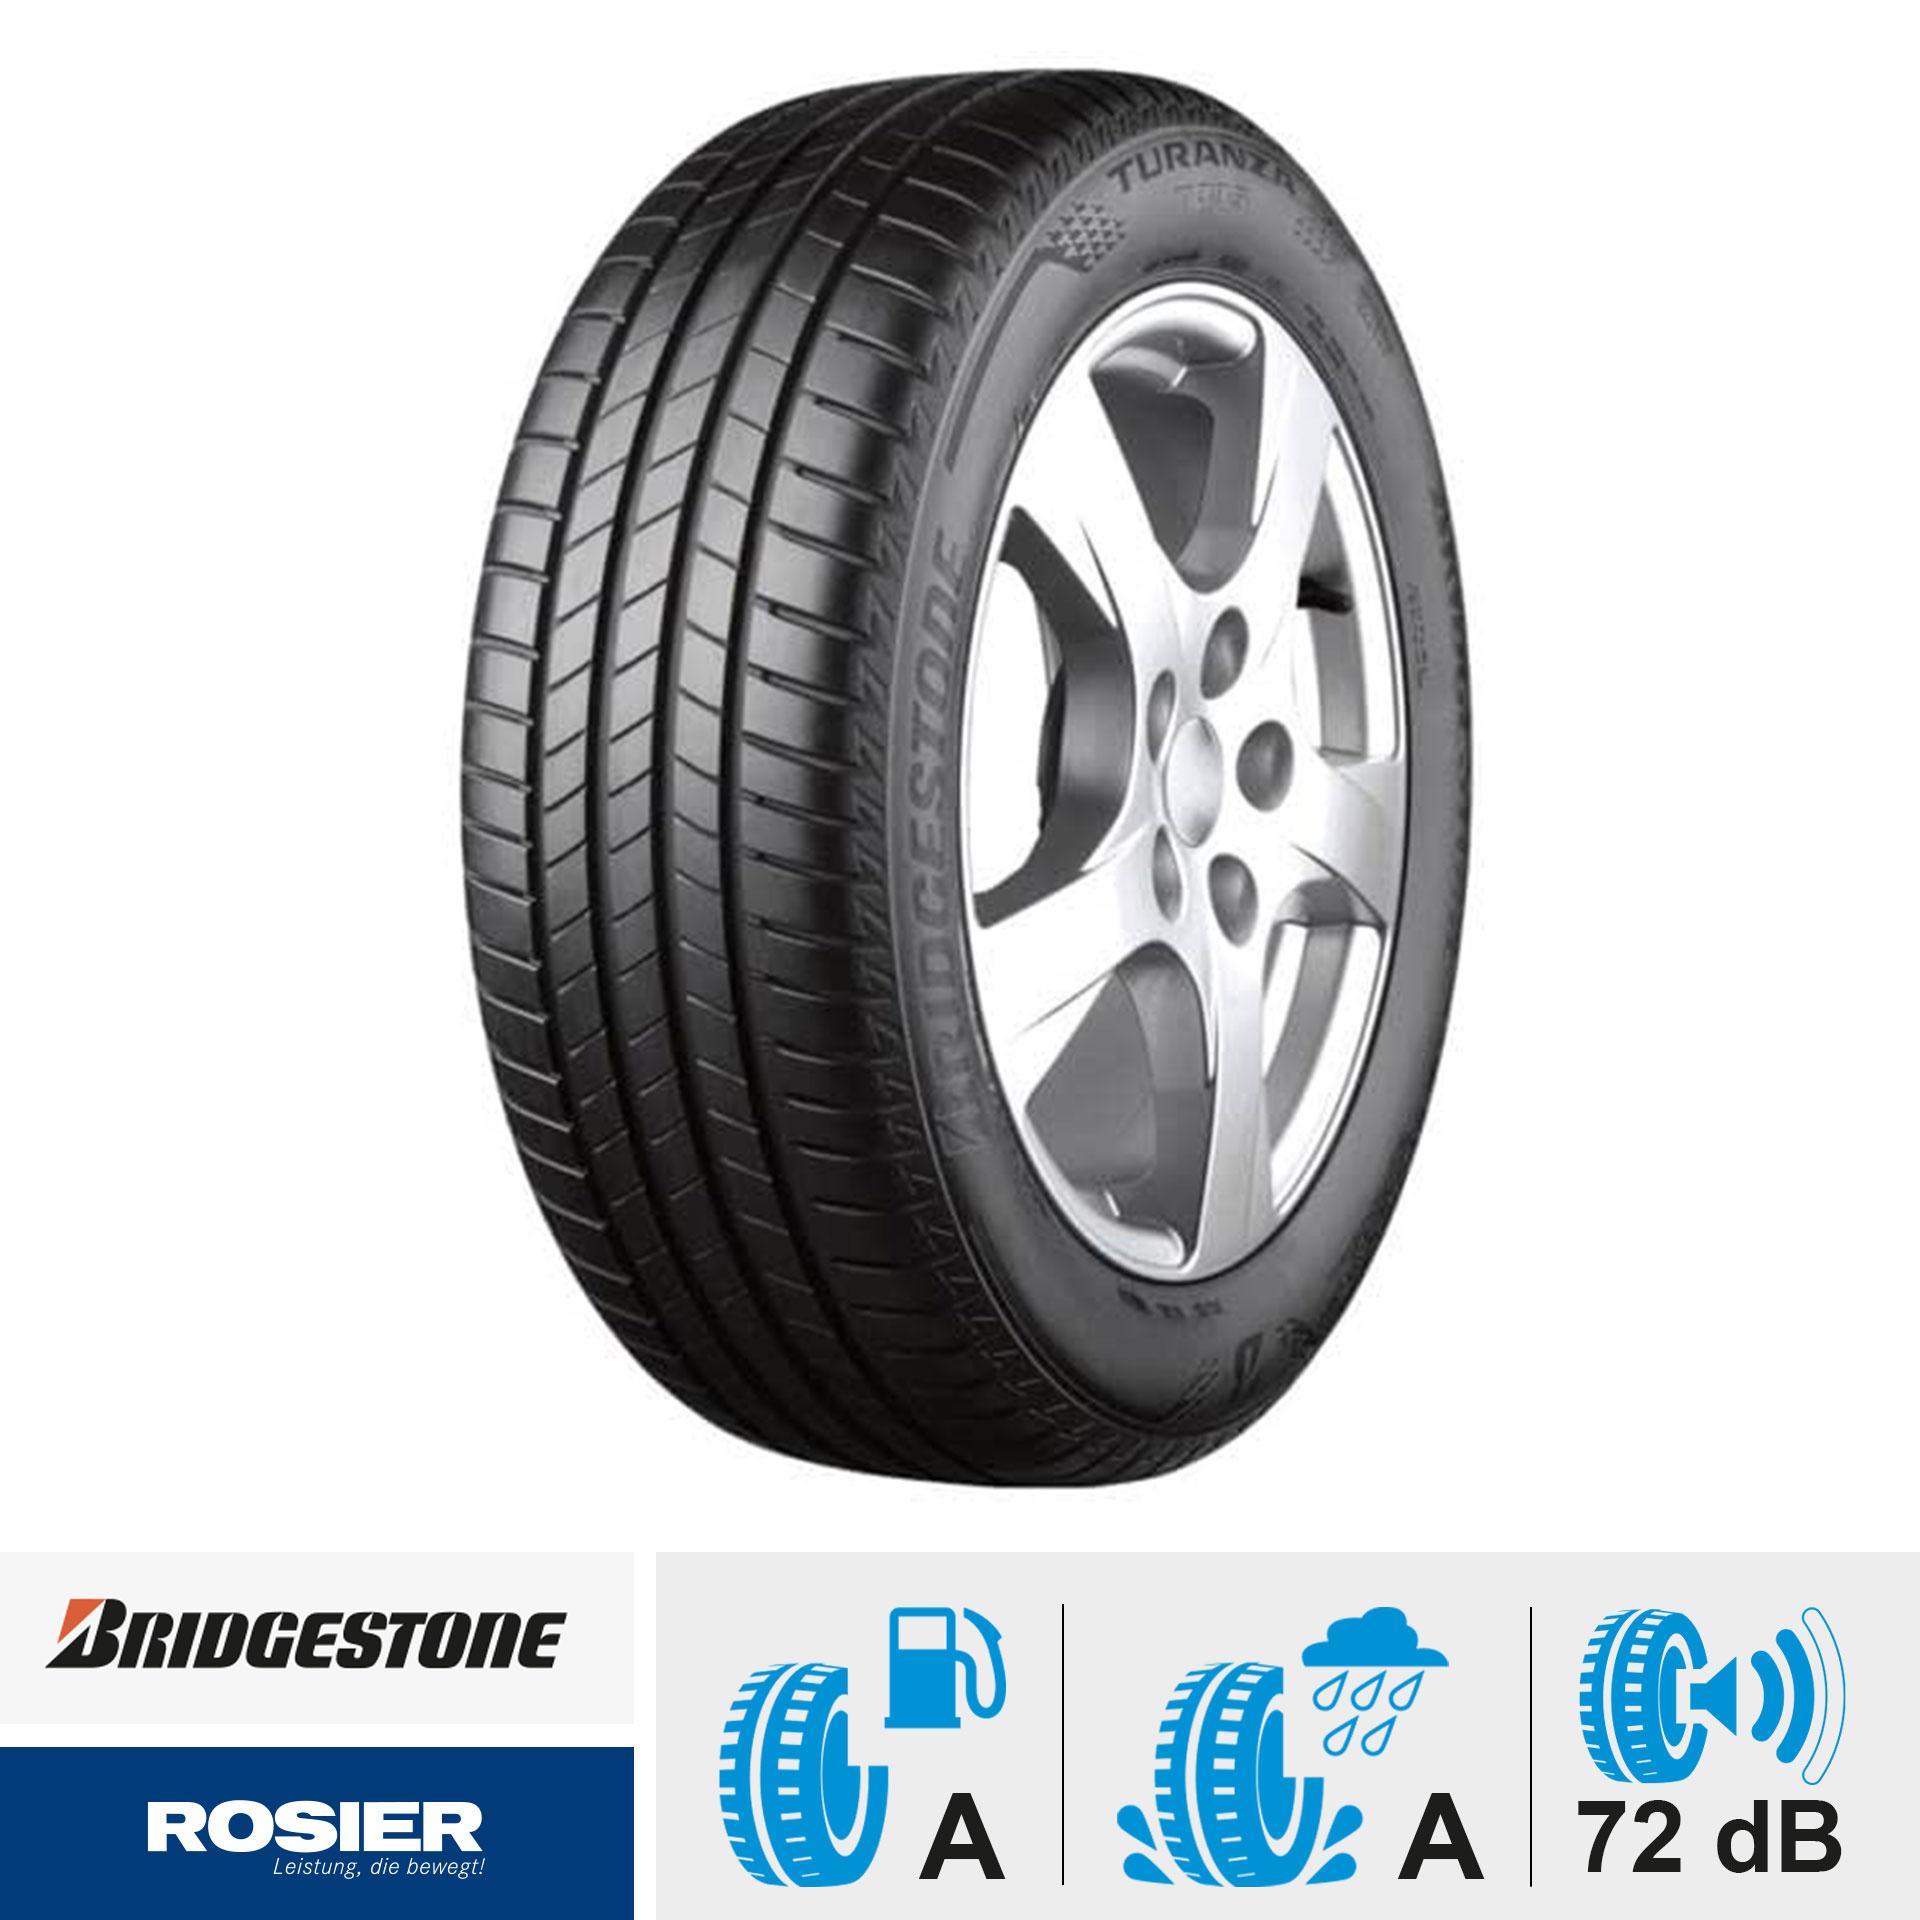 Bridgestone Turanza T005 235/55 R 17 103Y XL - Sommerreifen